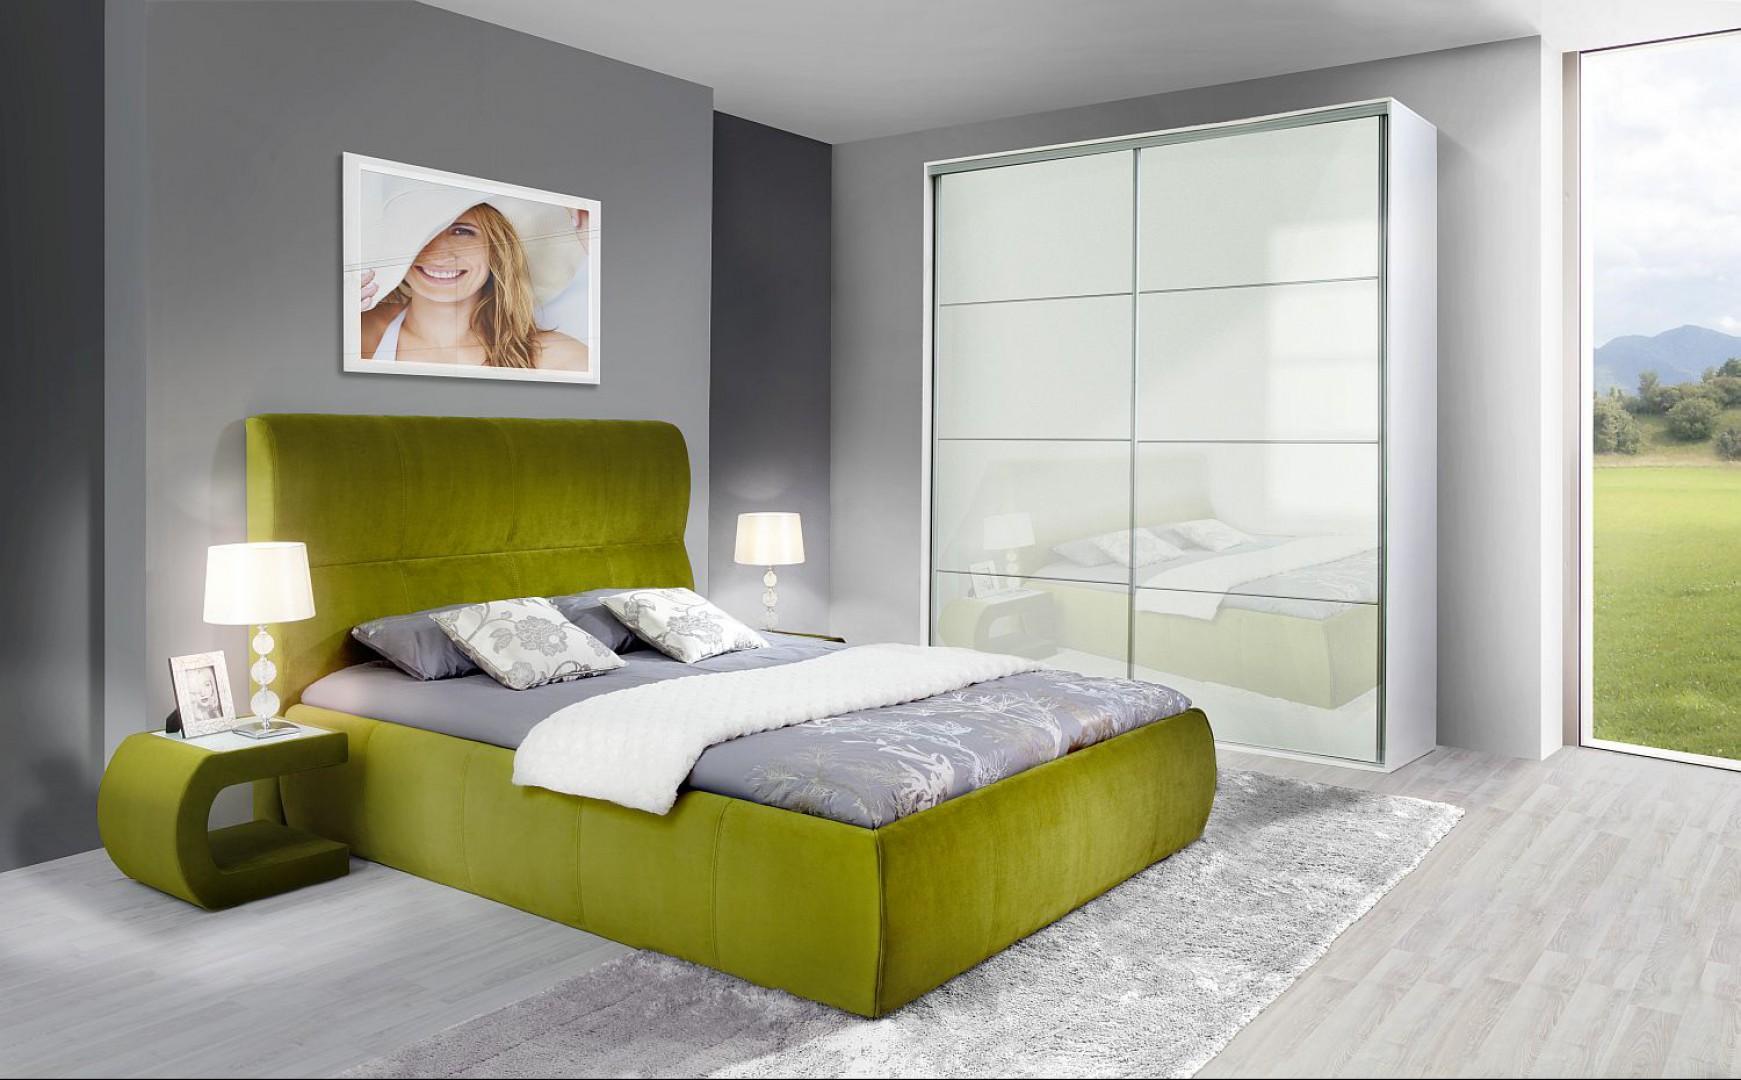 """""""Dalia"""" to zestaw do sypialni firmy Wajnert. Sypialnia - łóżko oraz szafka nocna są w całości tapicerowane, zgodnie z modą. Fot. Wajnert."""